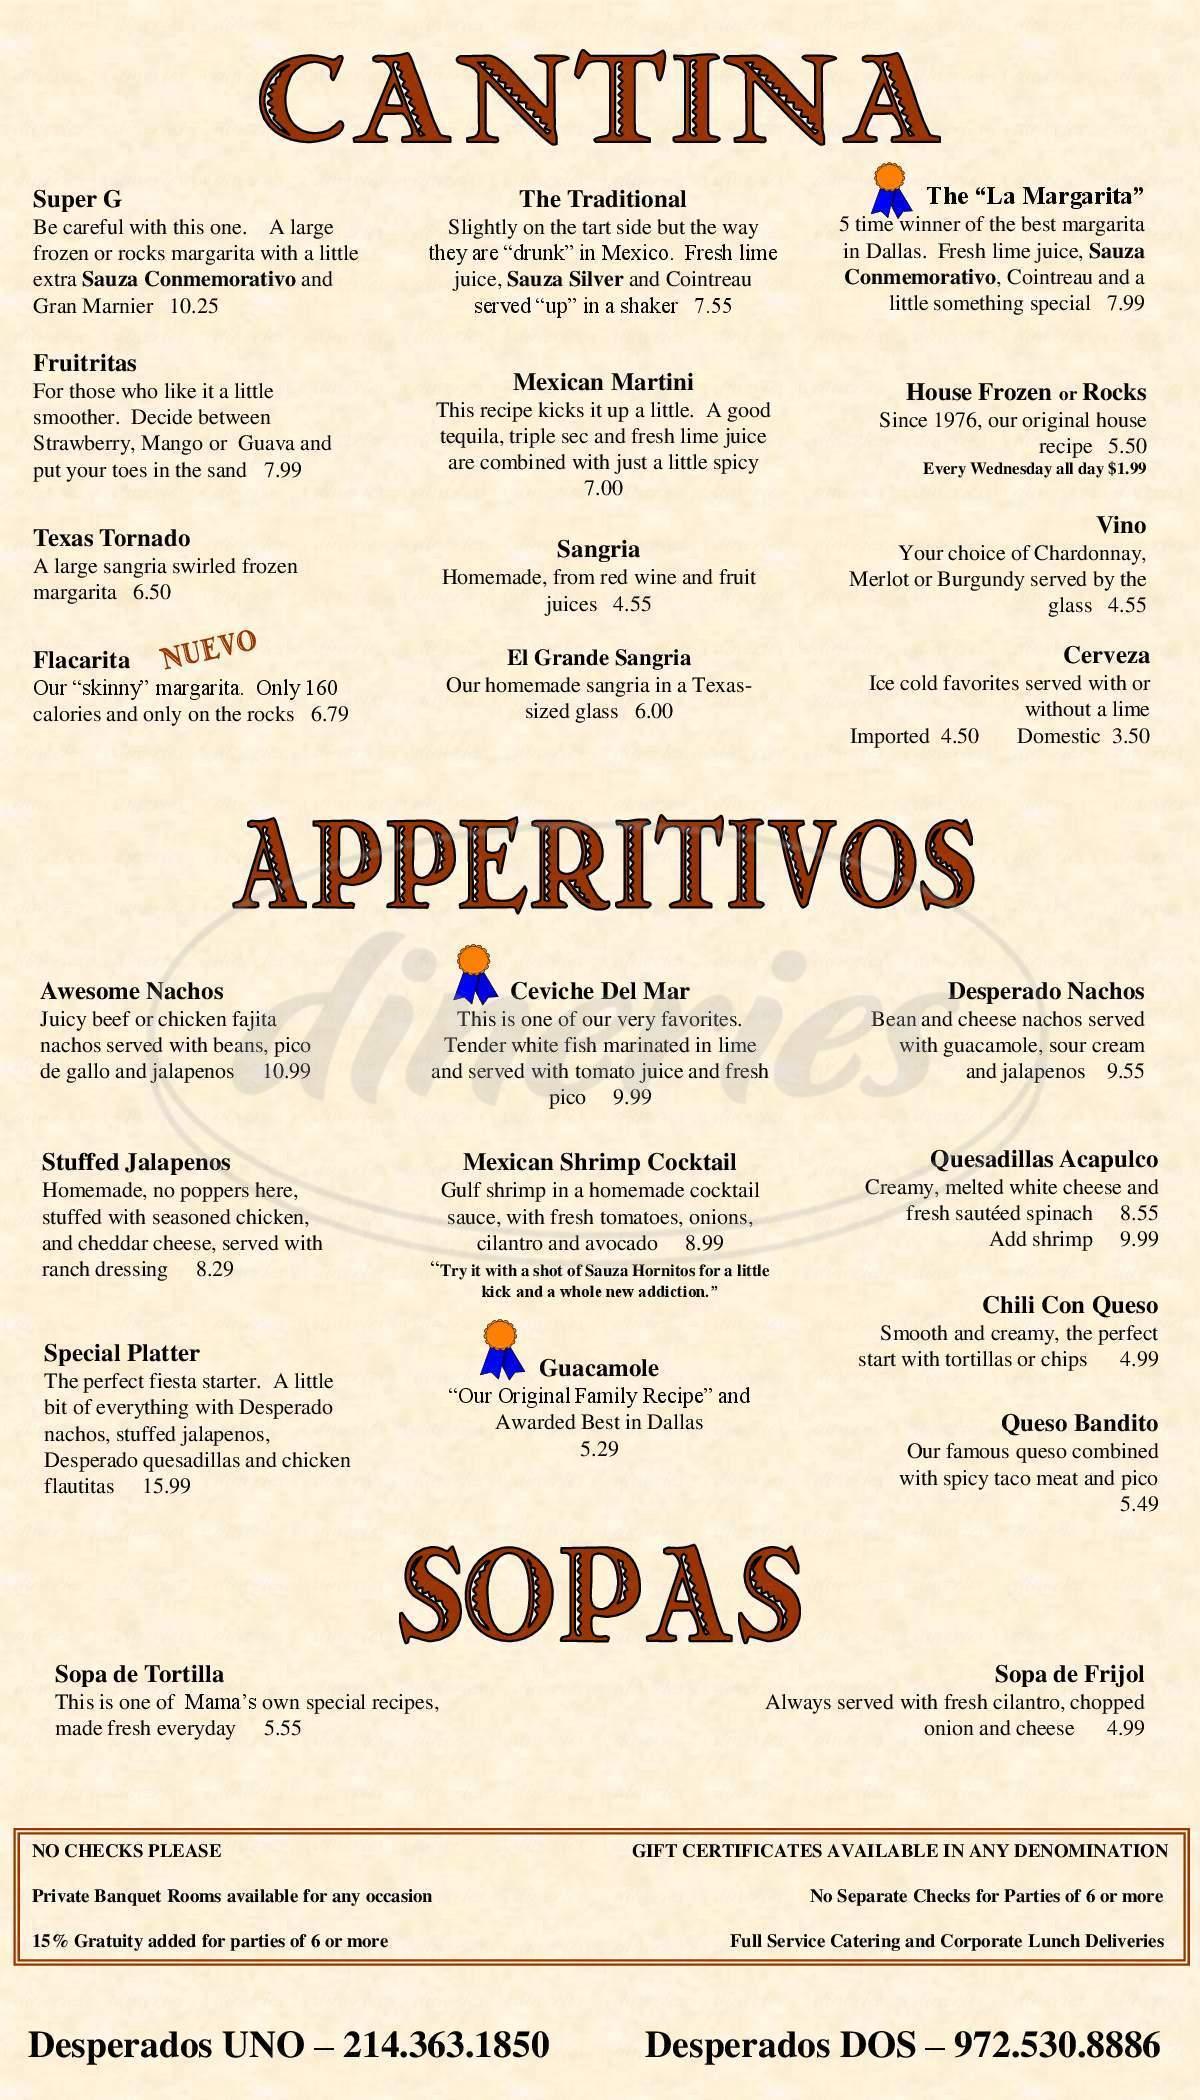 Desperados Menu Garland Dineries